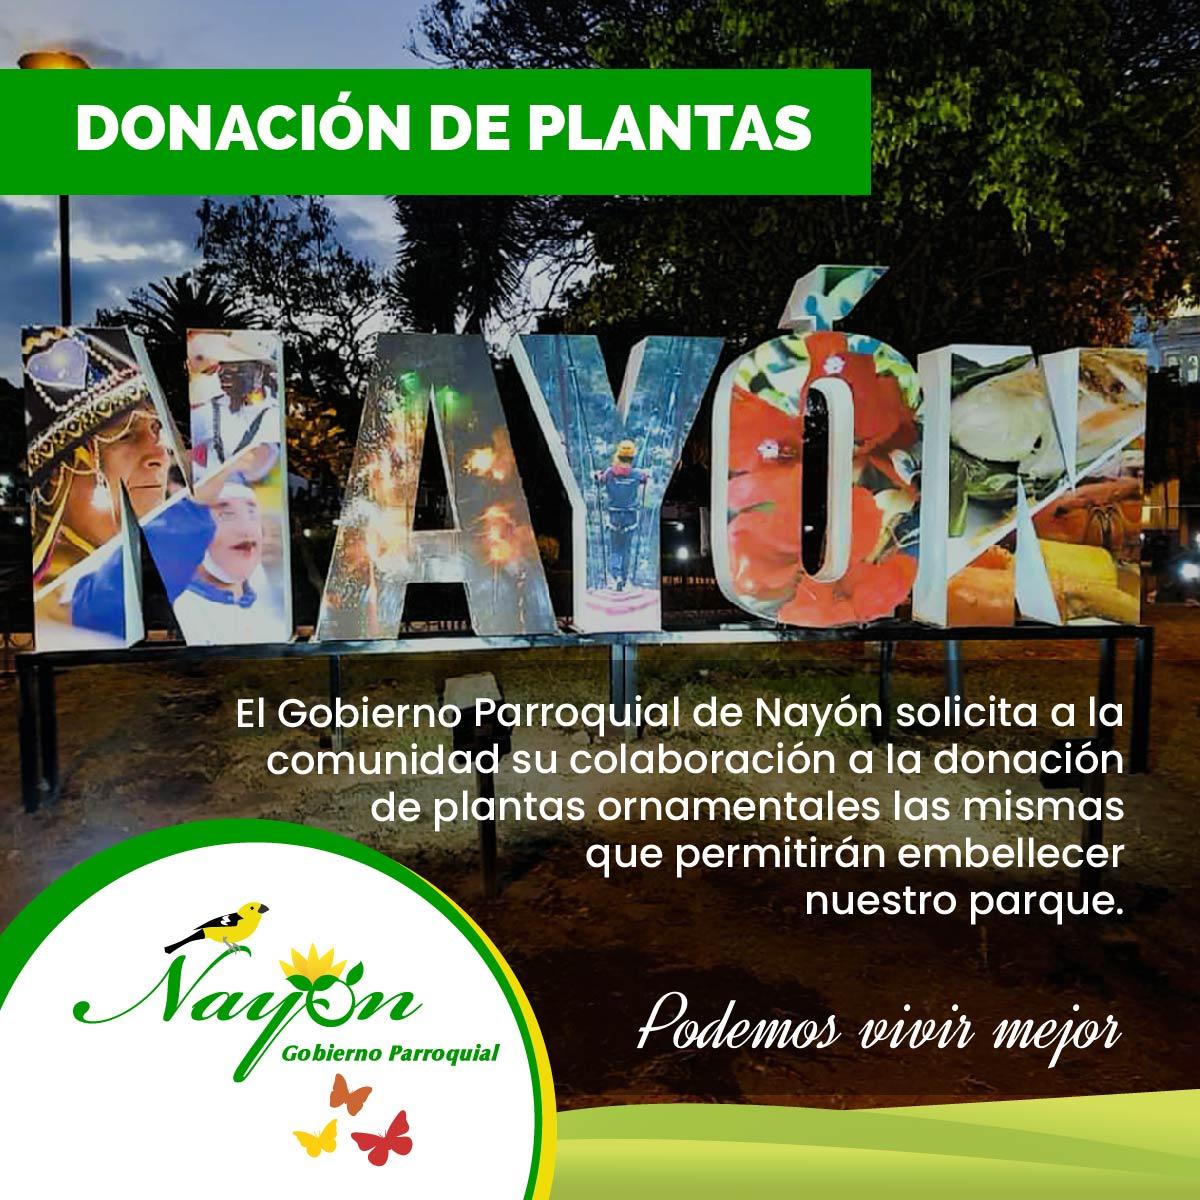 Donación de Plantas para el Parque de Nayón